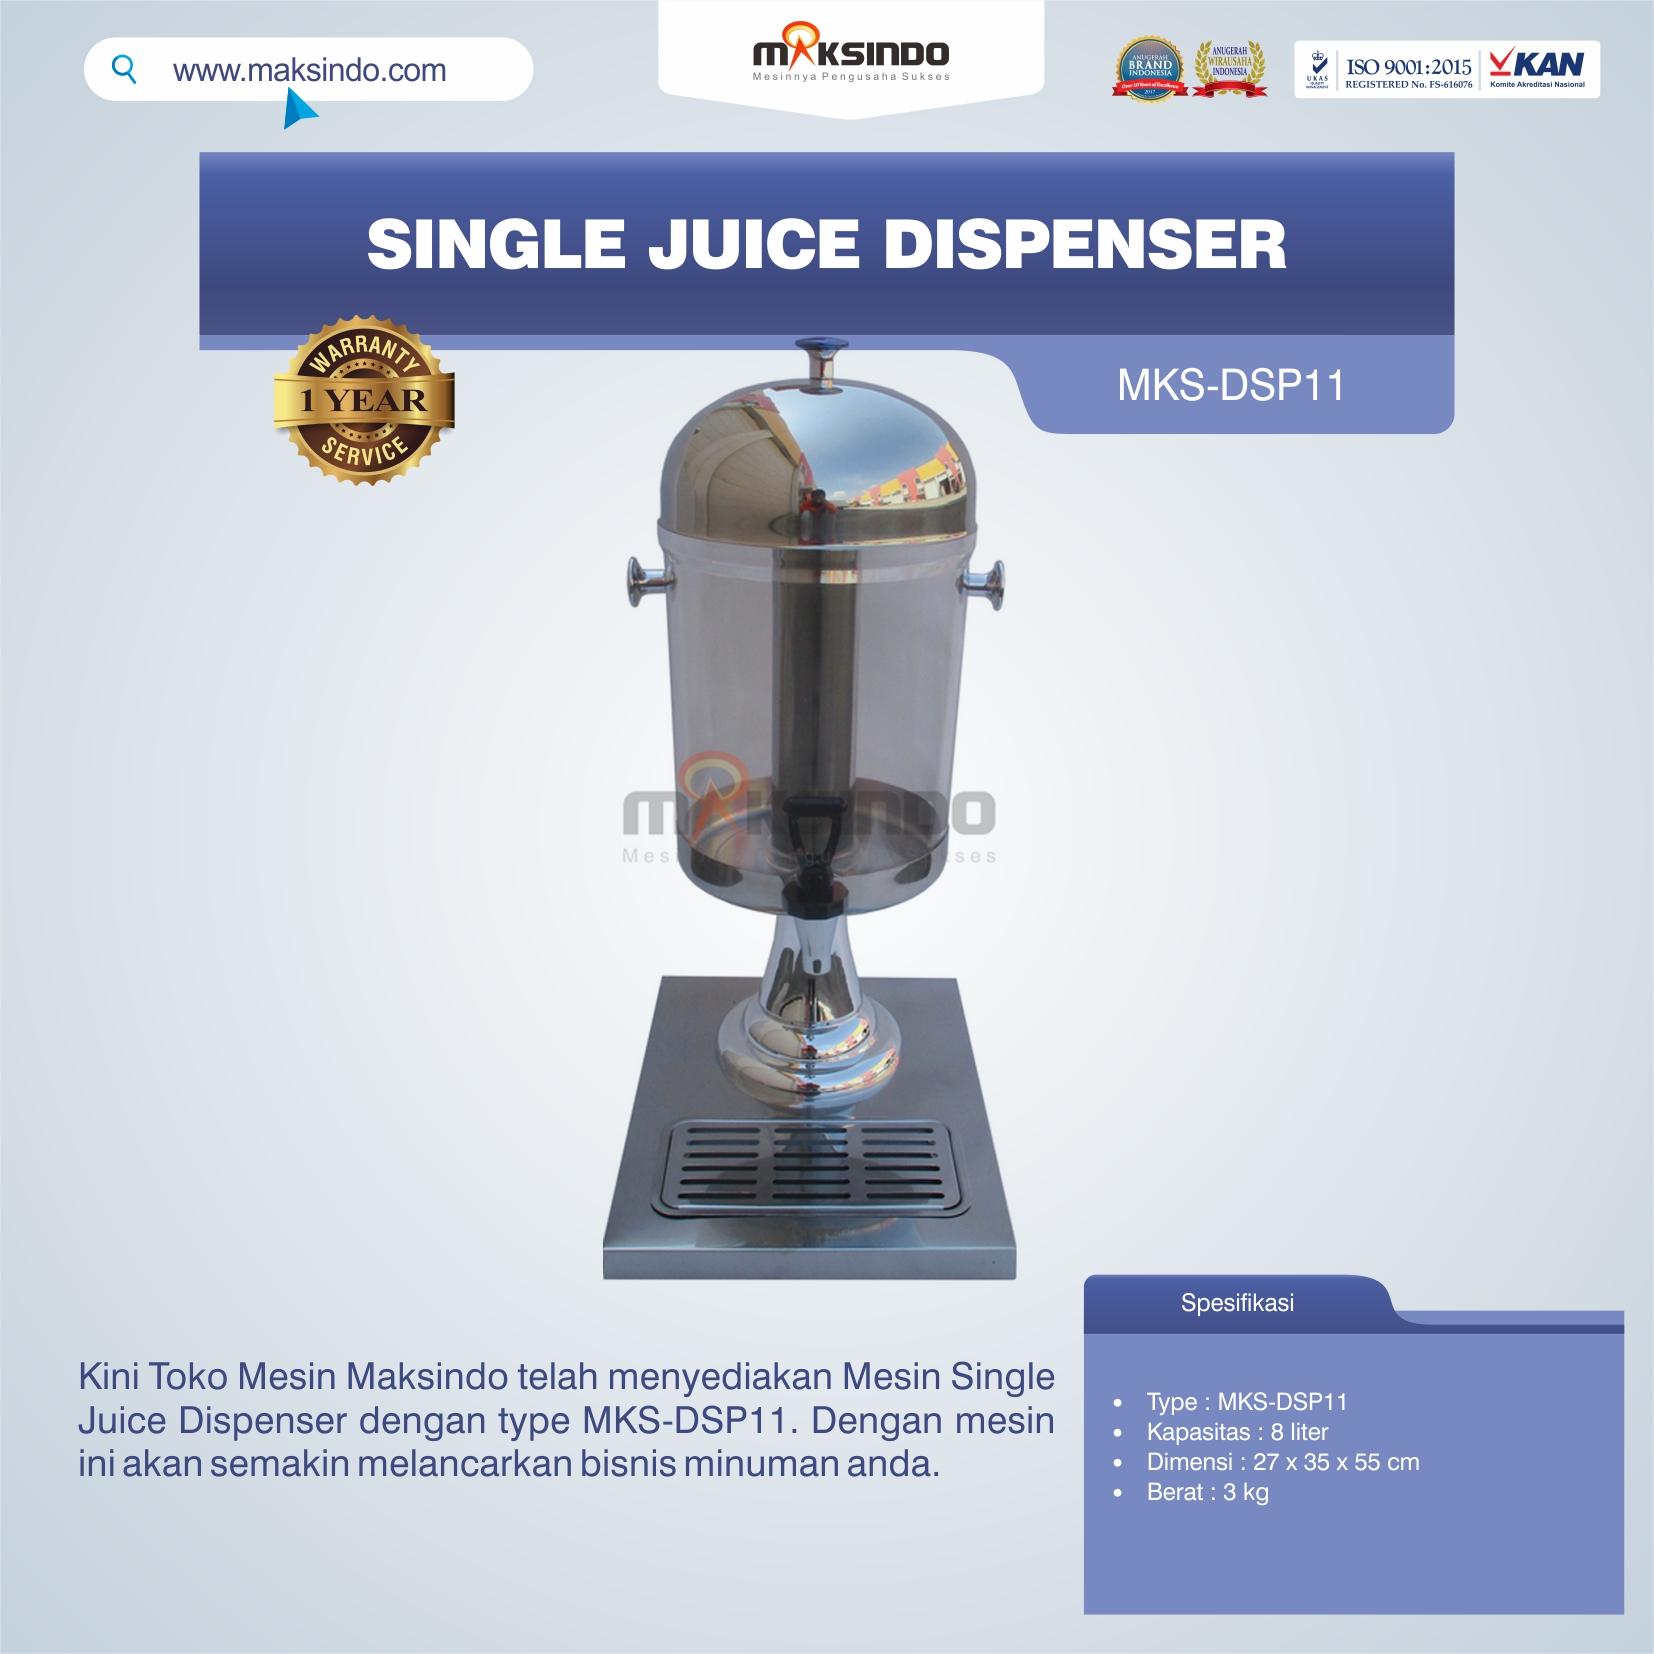 Jual Single Juice Dispenser MKS-DSP11 di Jakarta